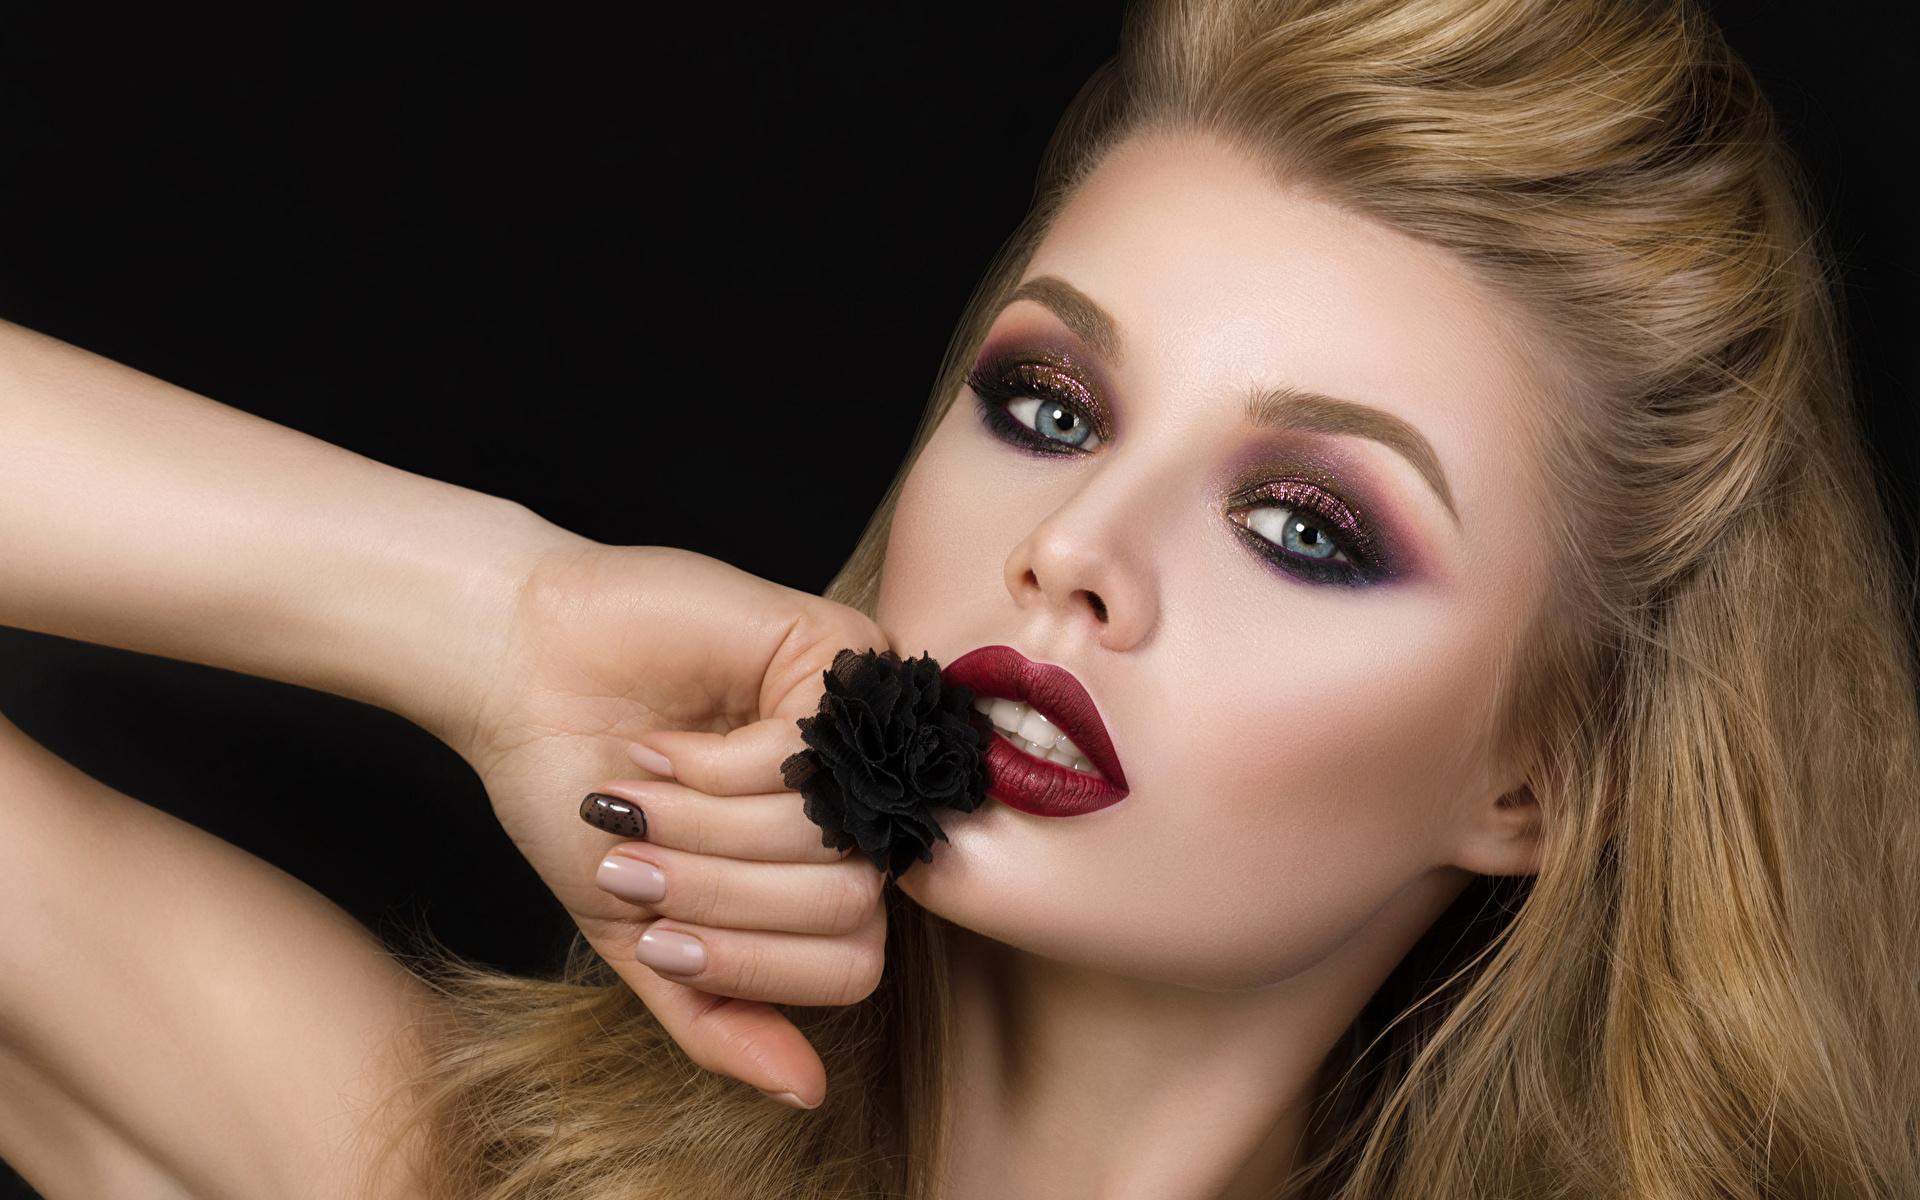 Фотография блондинки мейкап Девушки рука смотрит Черный фон 1920x1200 блондинок Блондинка Макияж Руки Взгляд смотрят